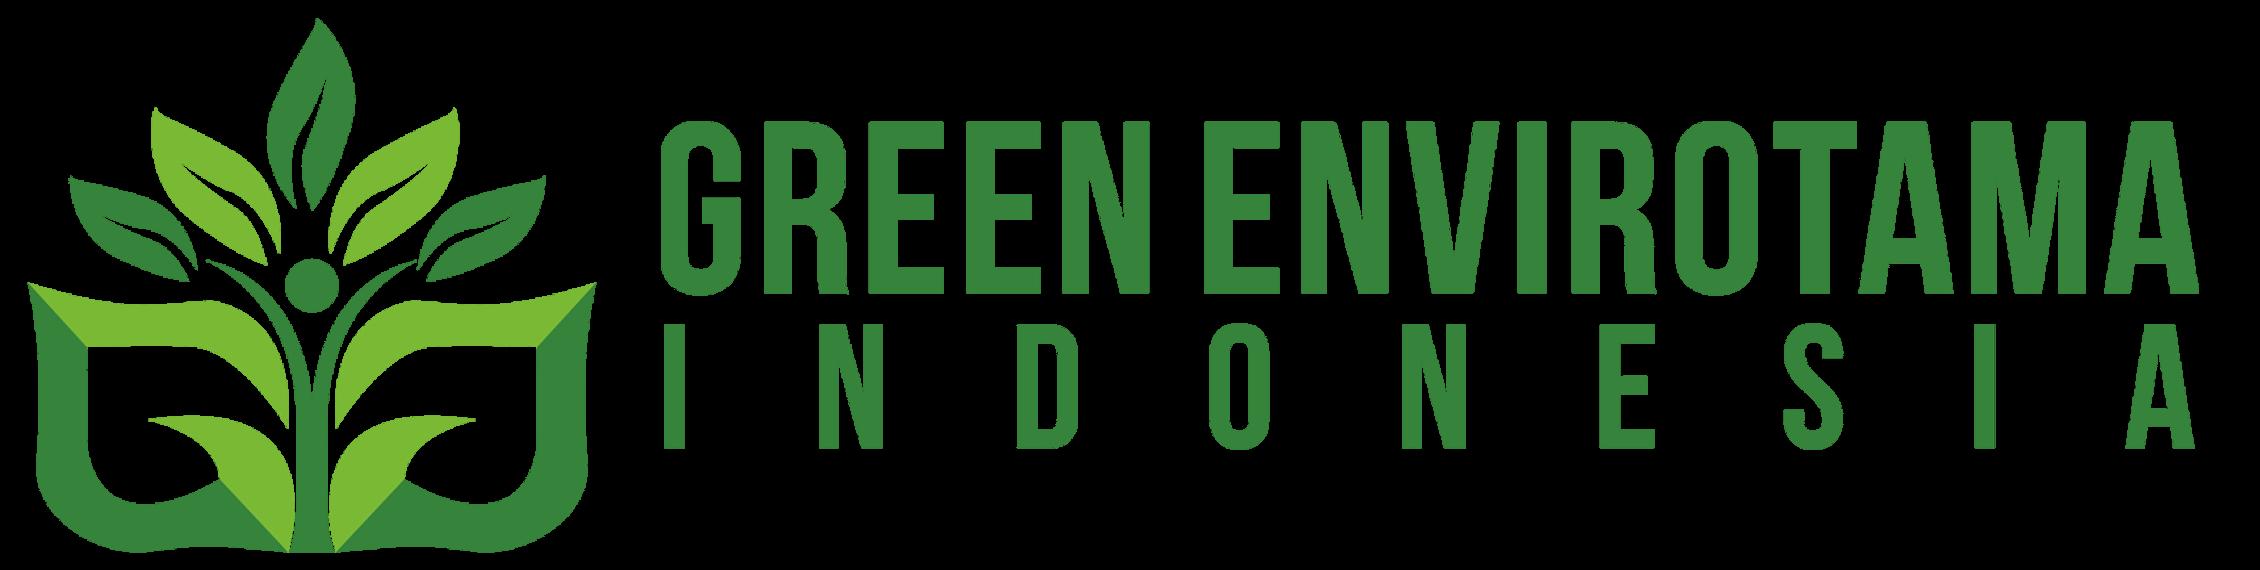 Jasa Konsultan Lingkungan Hidup Terakreditasi – Green Envirotama